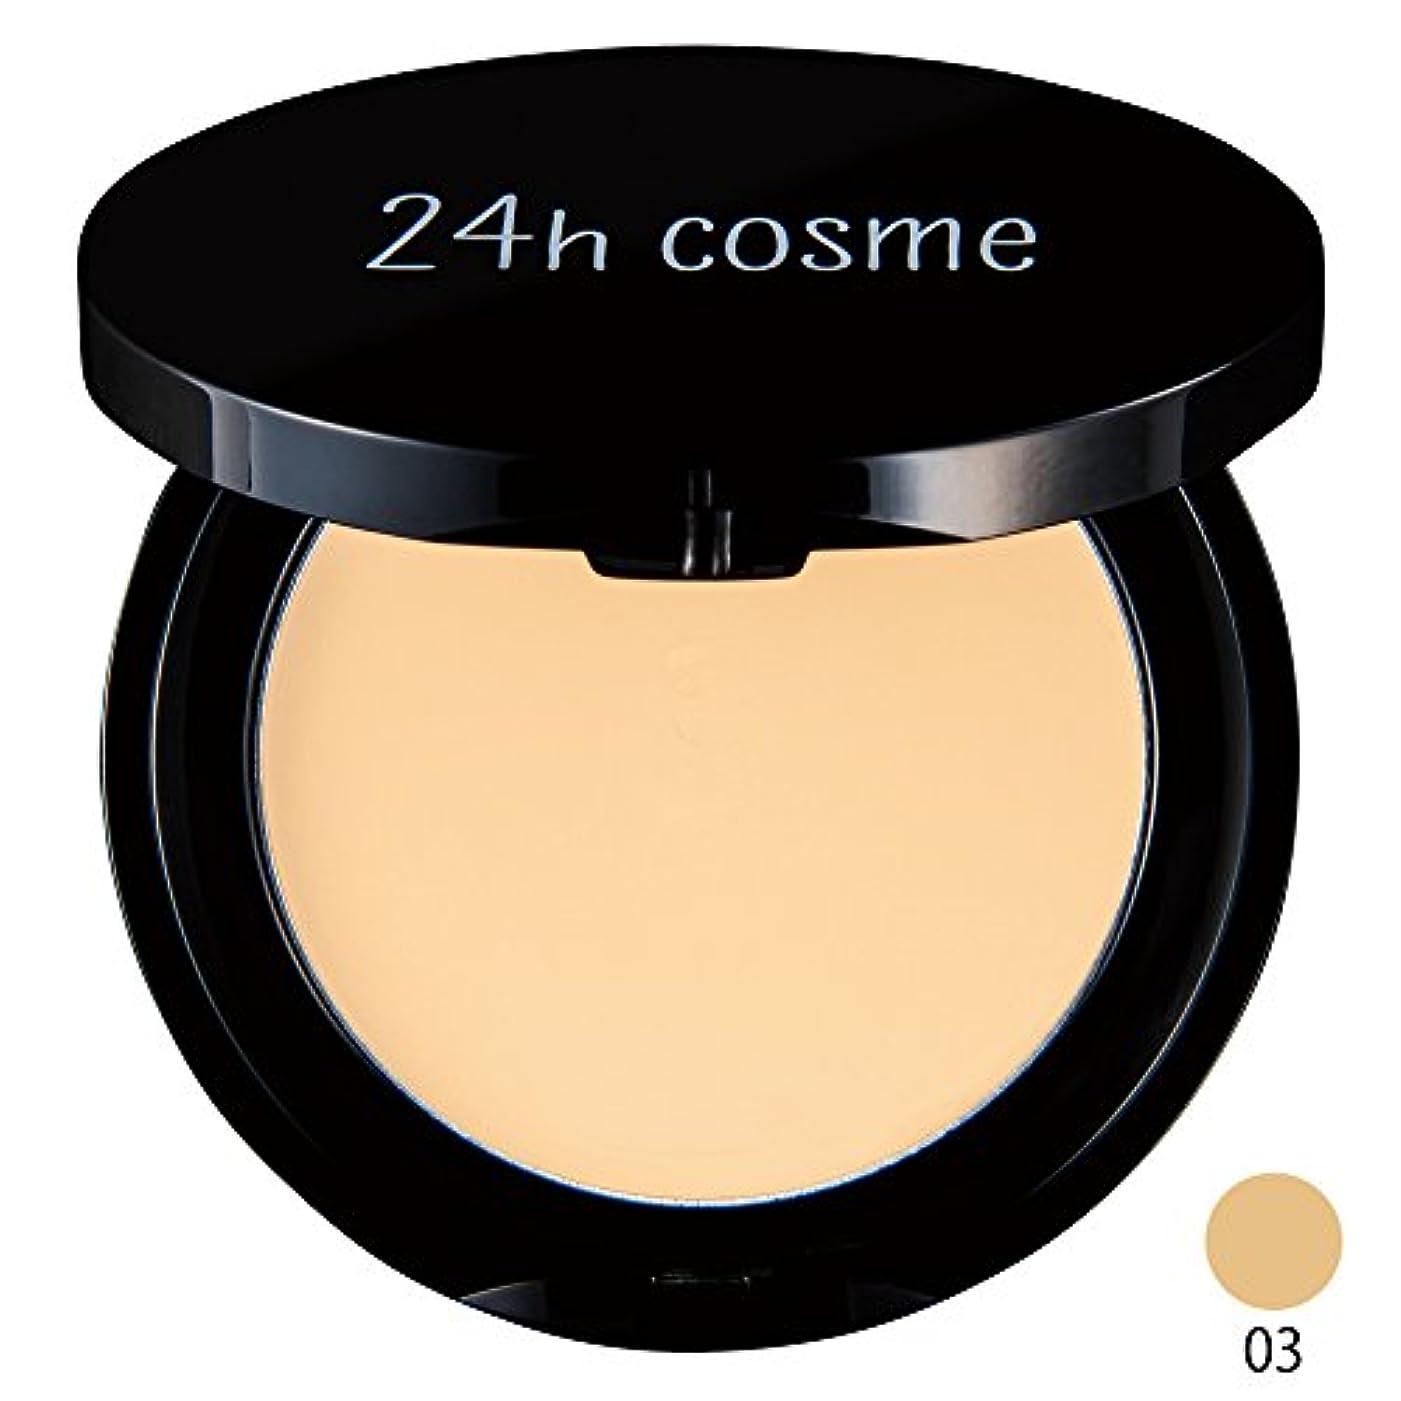 利用可能ささやき識別する24h cosme 24 ミネラルクリームファンデ 03ナチュラル SPF50+/PA++++